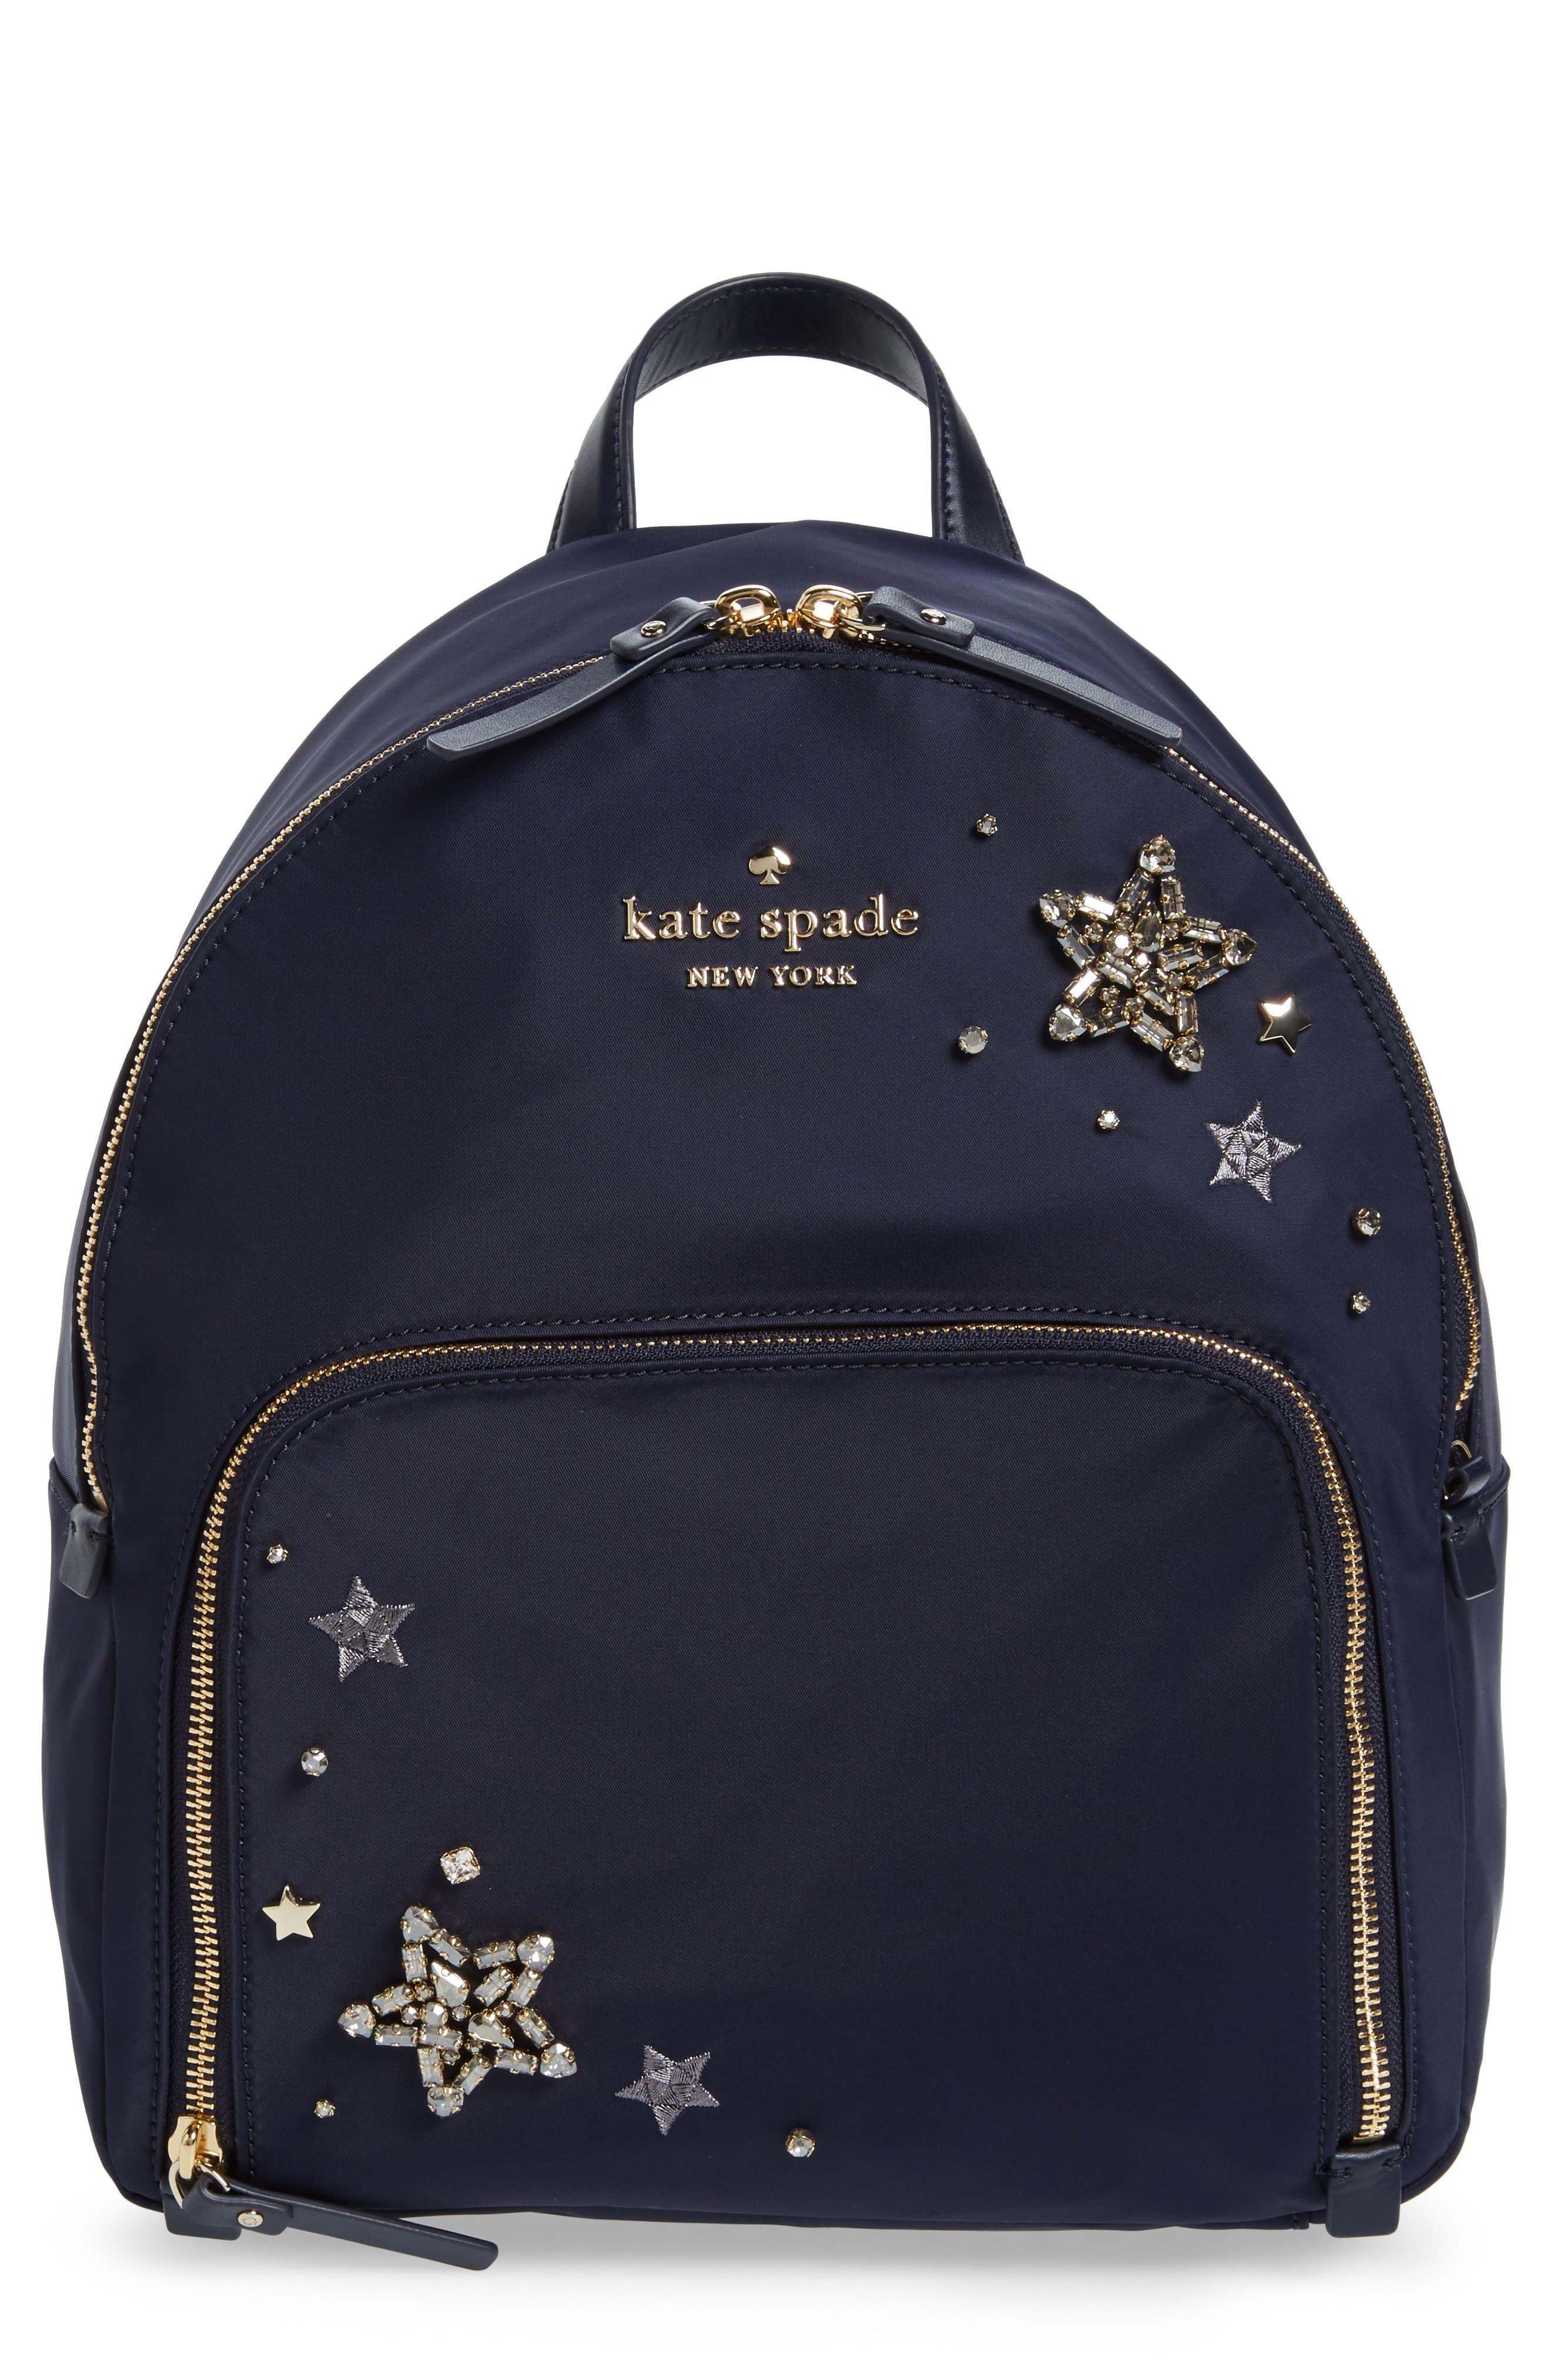 watson lane - hartley embellished nylon backpack,                             Main thumbnail 1, color,